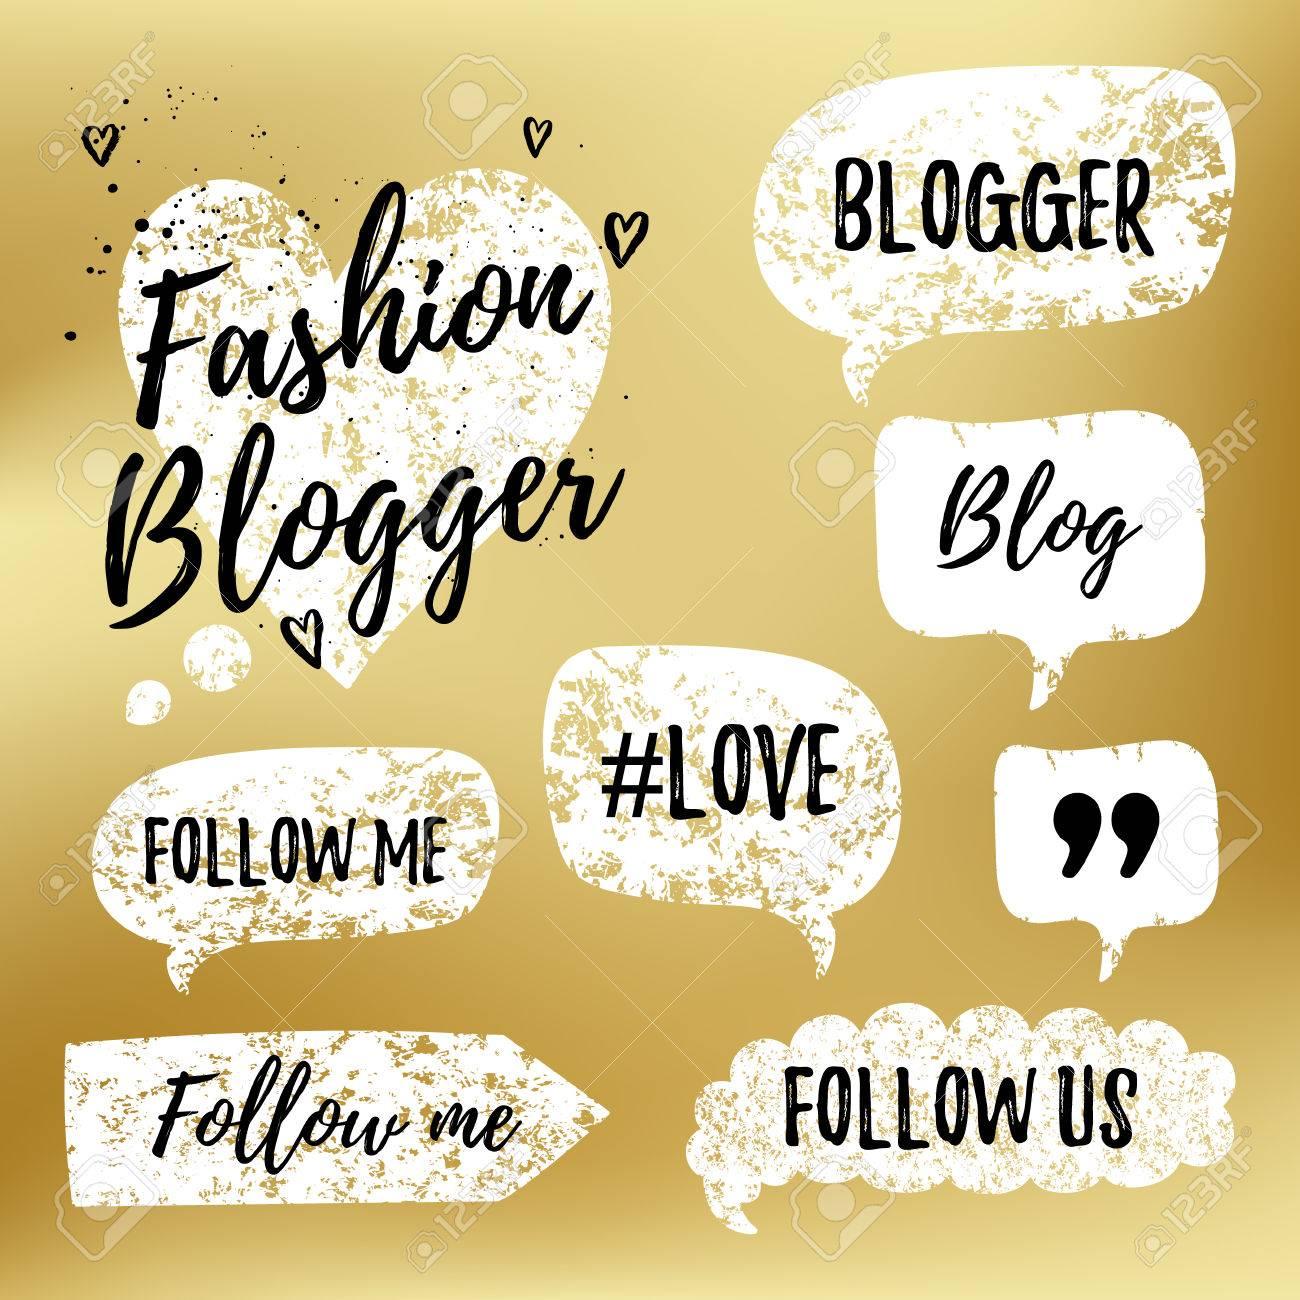 Vector Burbujas De Discurso Con Frases Fashon Blogger Blog Amor Sígueme En Oro Borrosa De Fondo